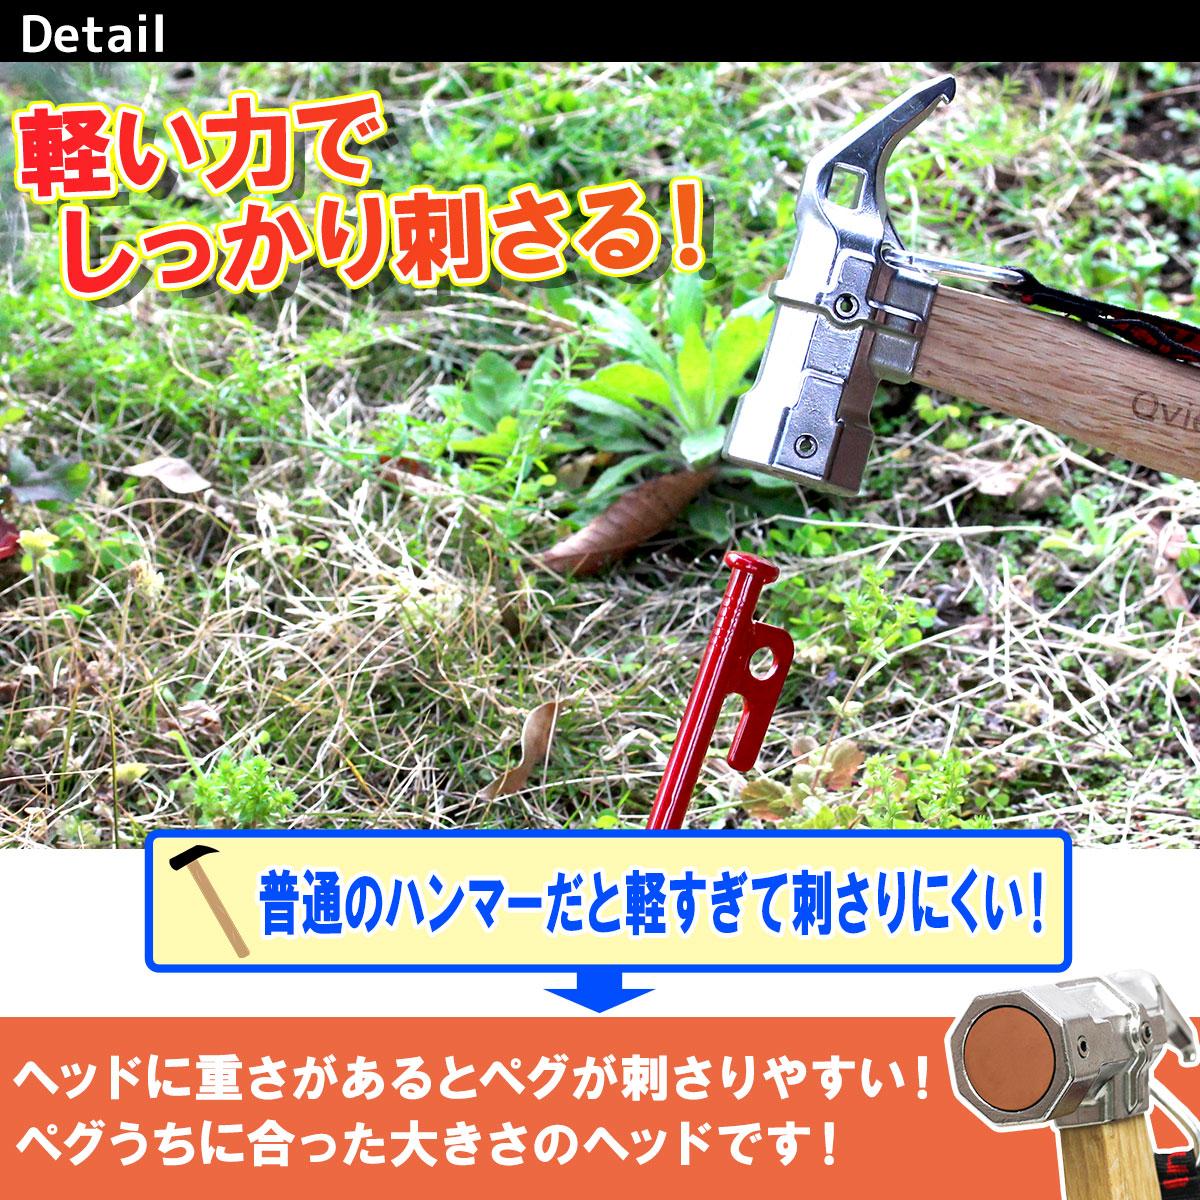 M-STYLE 八角ステンレス ペグハンマー 赤銅ヘッド 木製 ハンドル アウトドア ハンマー